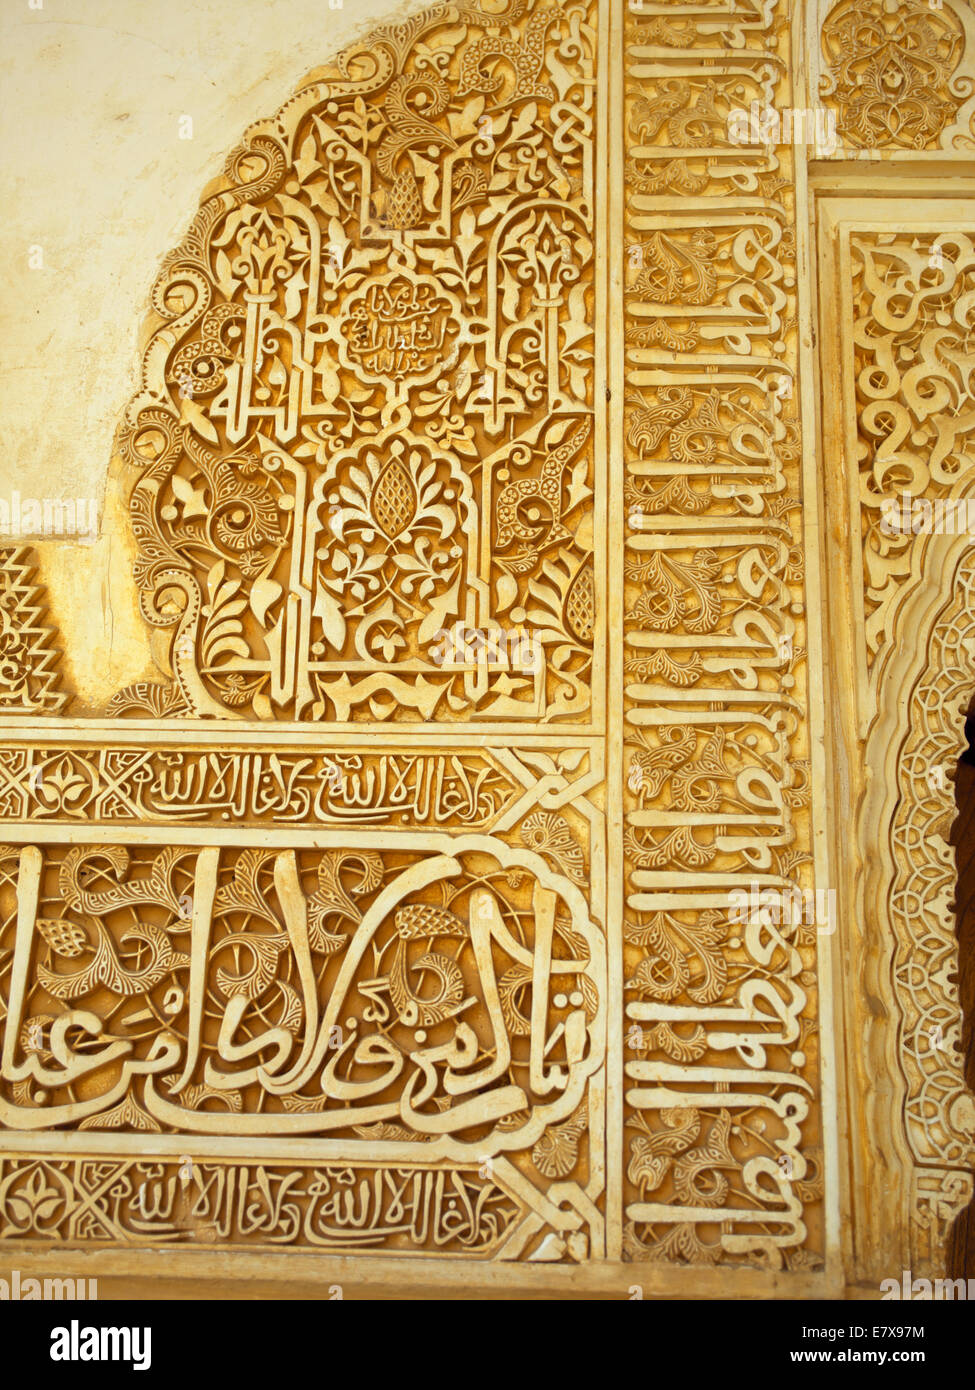 Wanddekoration von Gips Stuck Relief in der Alhambra Palast von ...